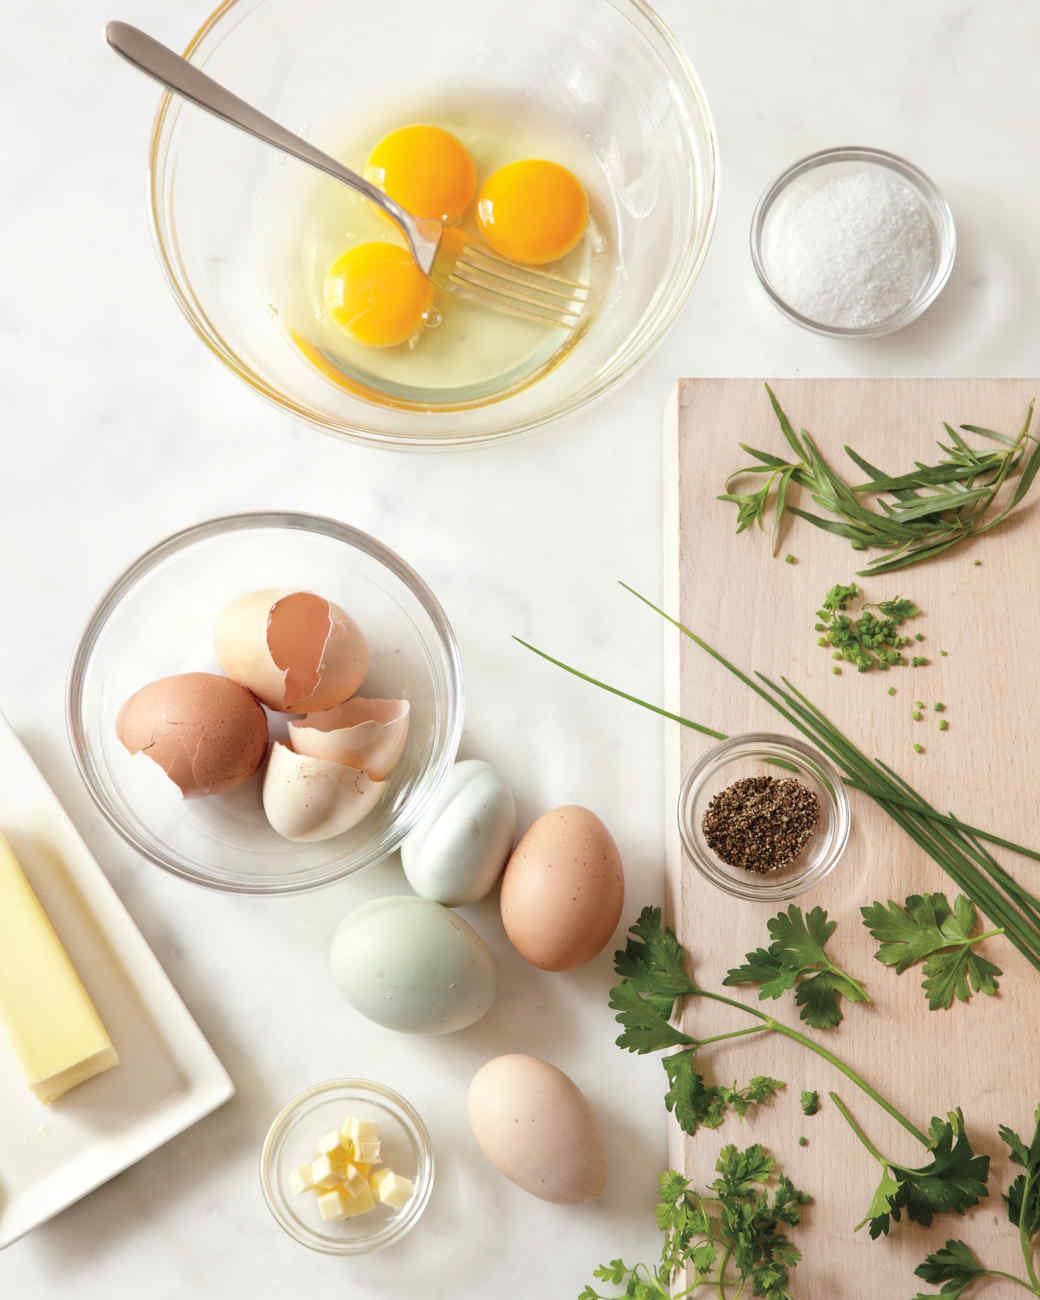 omelet-ingredients-382-mld110179.jpg